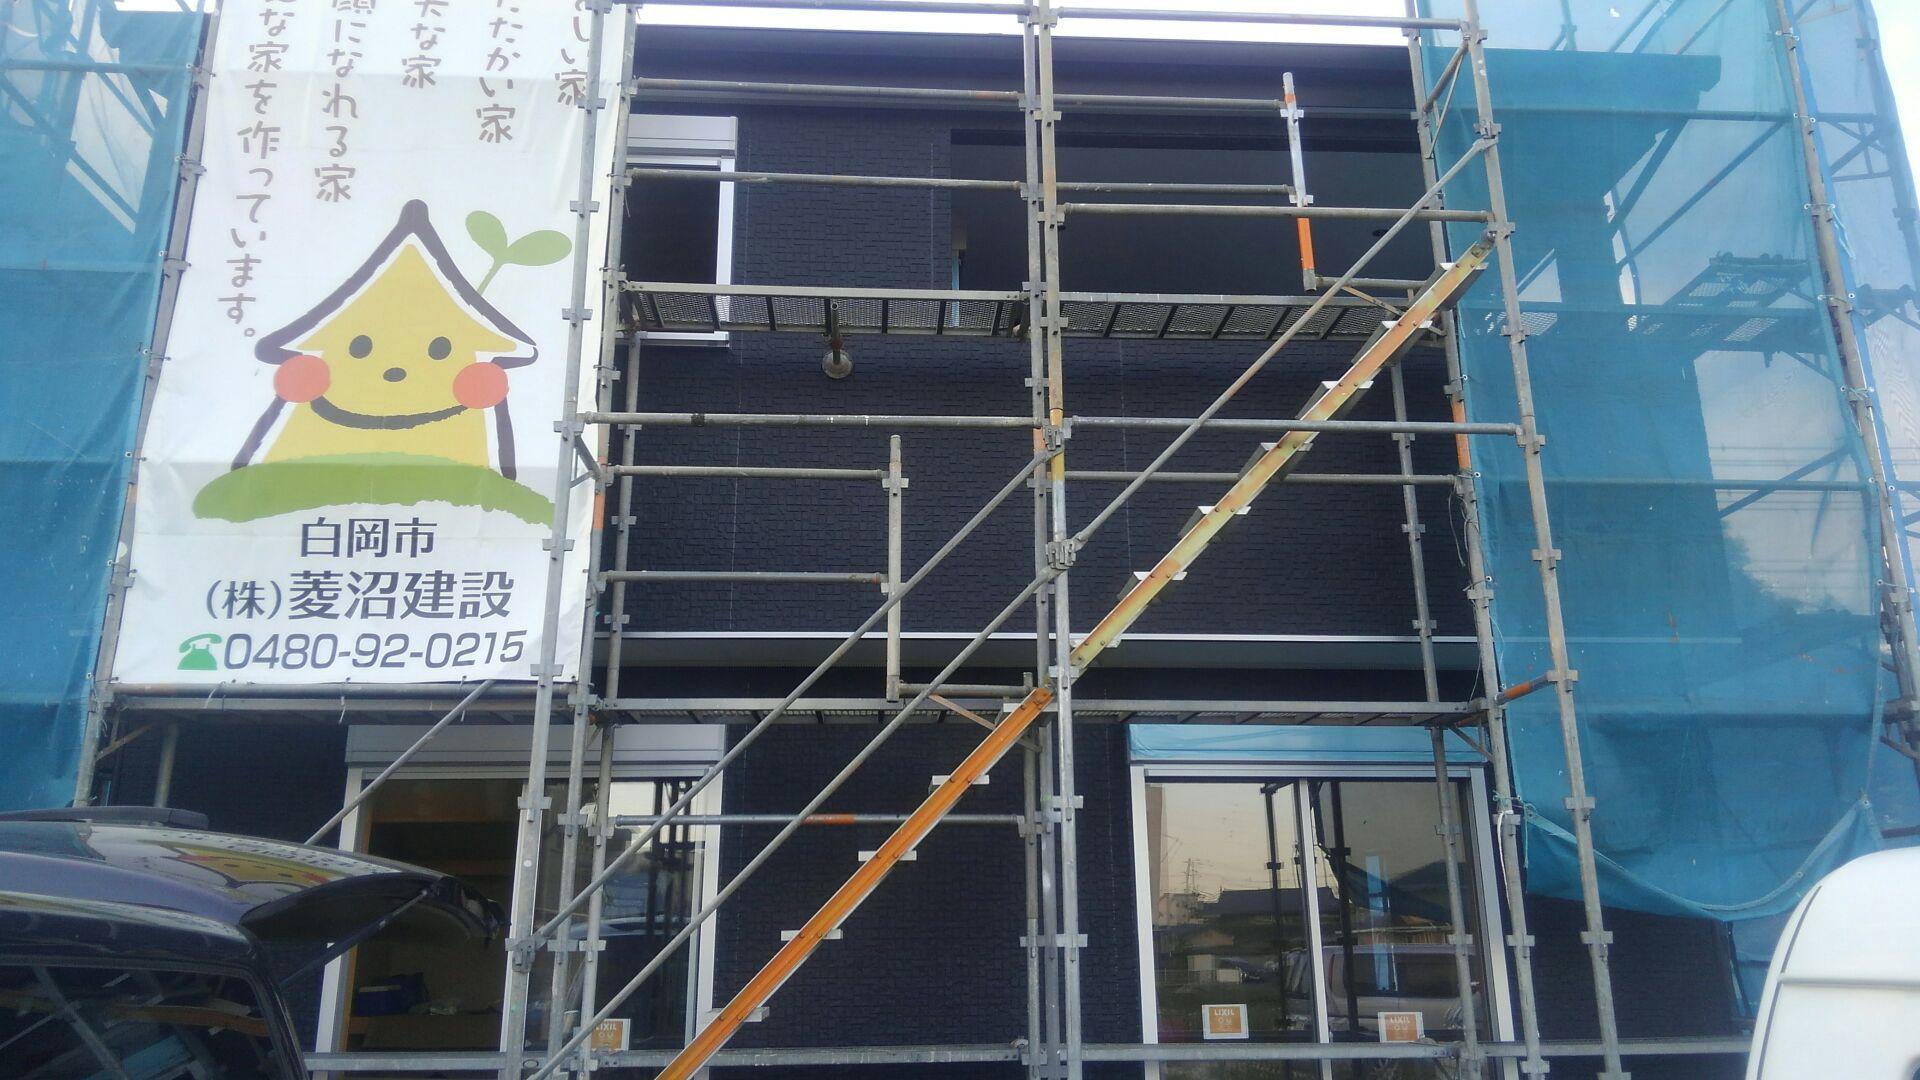 外部サイディング工事が終わりました。もう間もなく、建物の全貌がお披露目です。